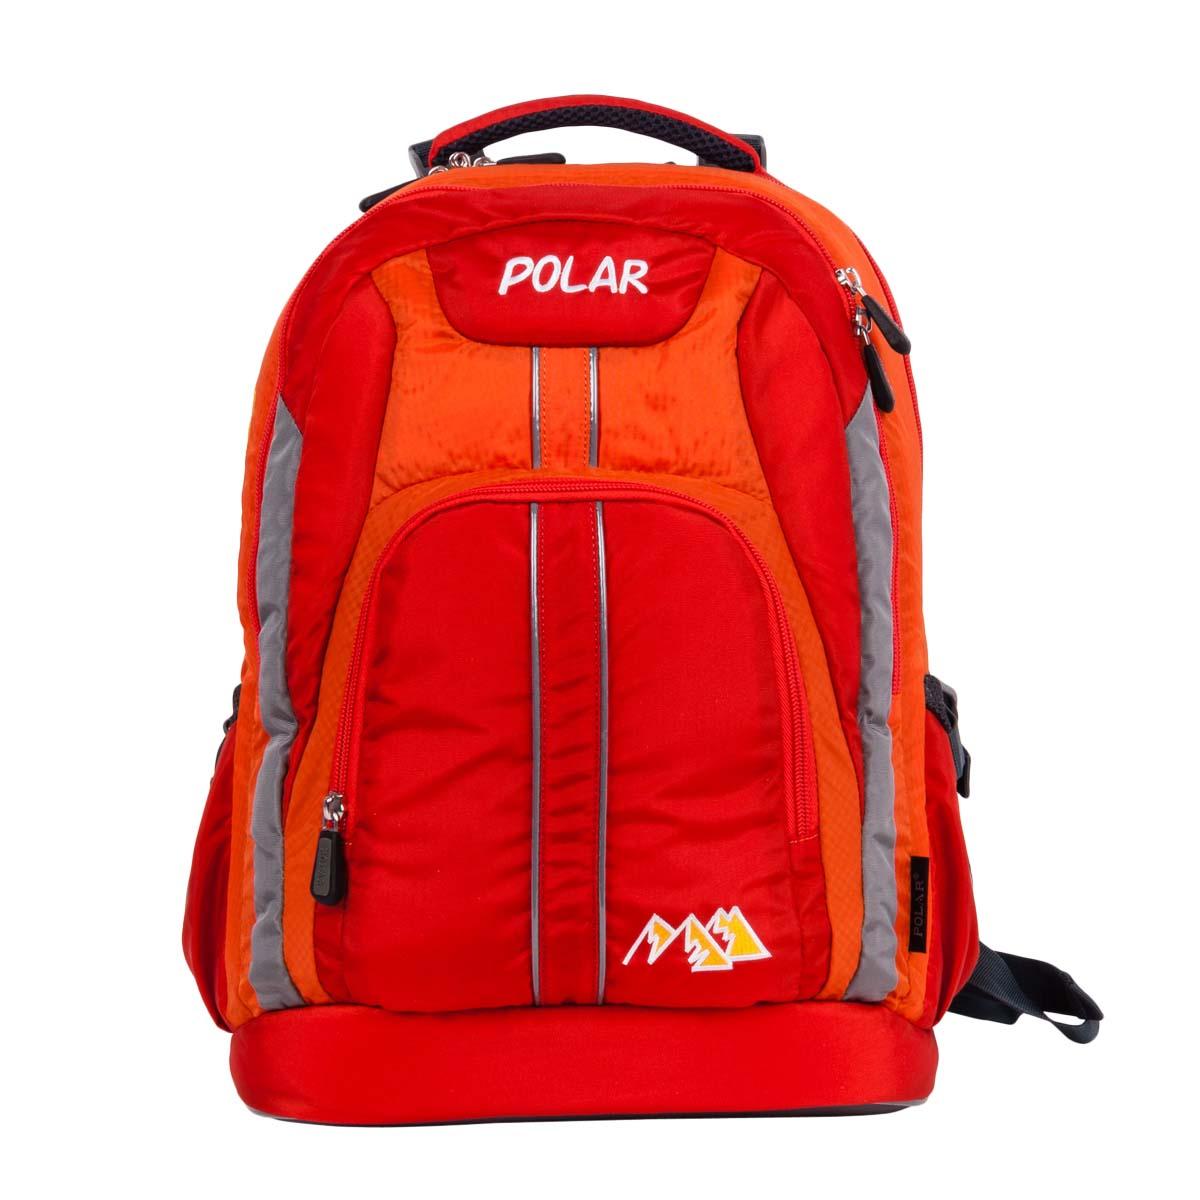 Рюкзак детский городской Polar, 24 л, цвет: оранжевый. П221-02П221-02Рюкзак фирмы Polar изготовлен из ткани с водоотталкивающей пропиткой. Жесткая спинка рюкзака имеет специальные вставки для лучшего воздухообмена. Новая конструкция лямок позволяет регулировать их не только по длине, но и согласно Вашему росту. Специальное крепление в верхней части каждой лямки поможет отрегулировать их так, что рюкзак сможет носить как взрослый, так и ребенок, не создавая дискомфорта для спины. Жесткое дно делает рюкзак устойчивым и дополняет удобством при ношении.